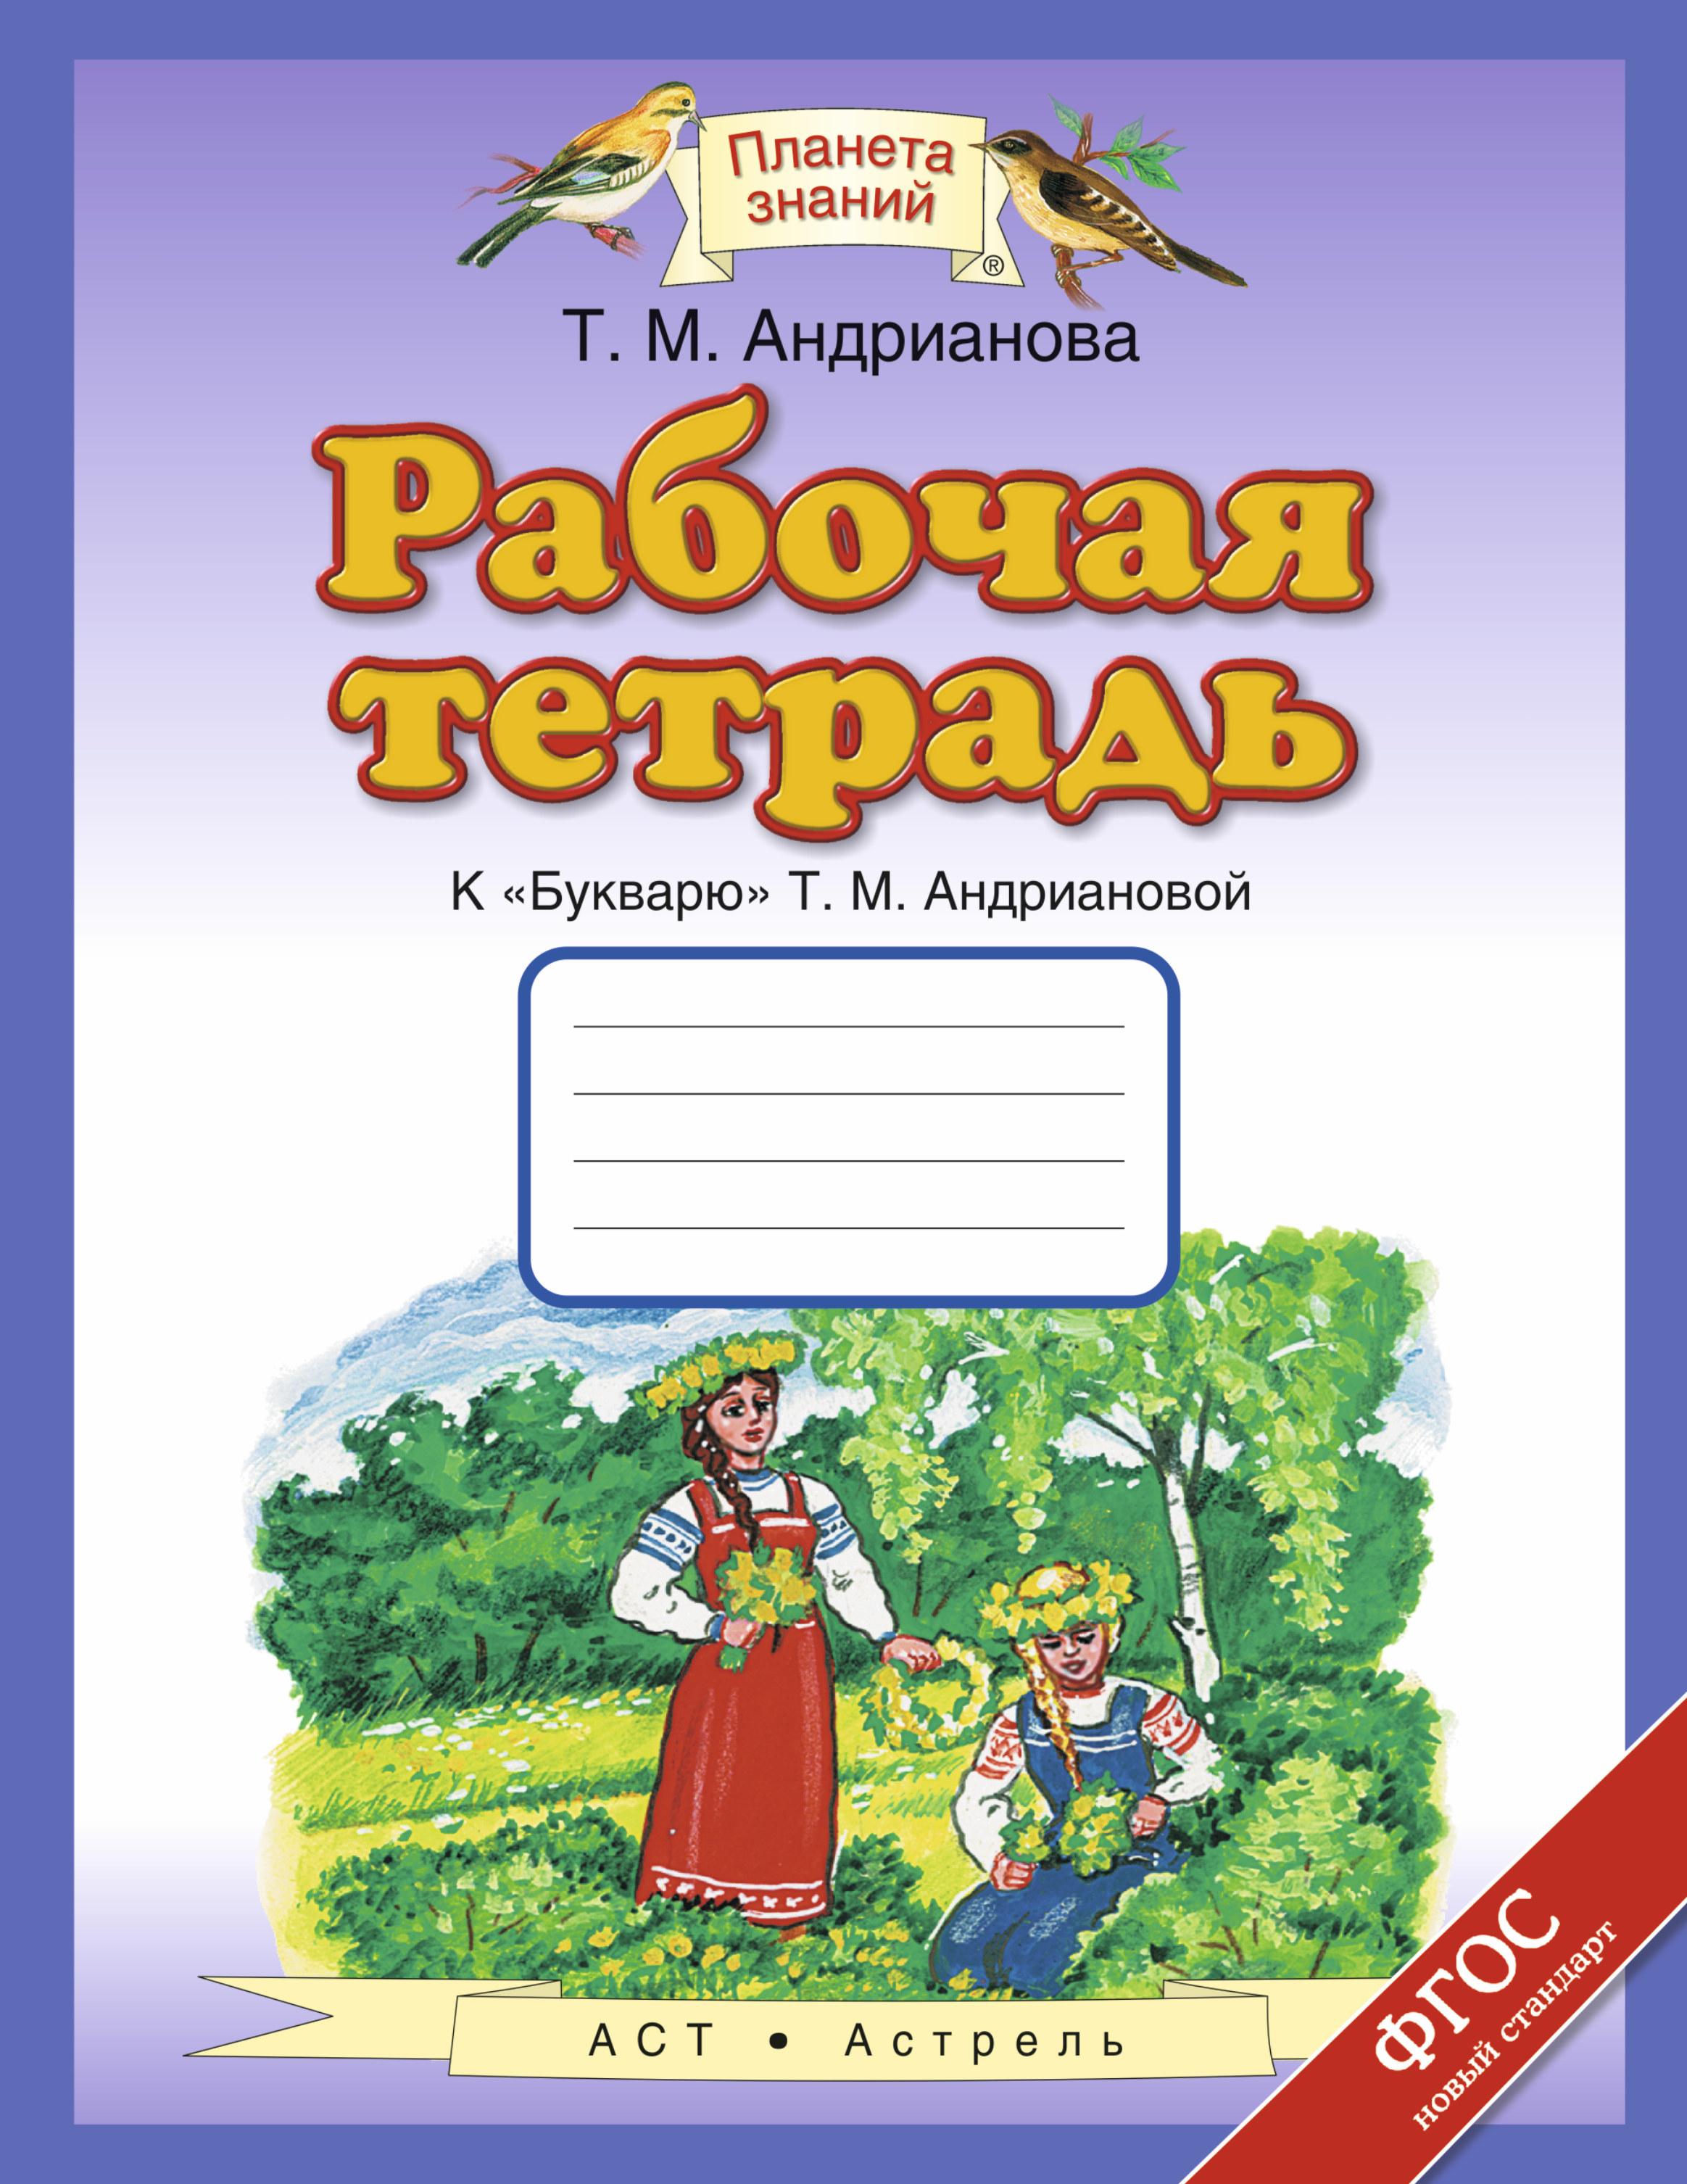 """Рабочая тетрадь к """"Букварю"""" Т. М. Андриановой. 1 класс"""